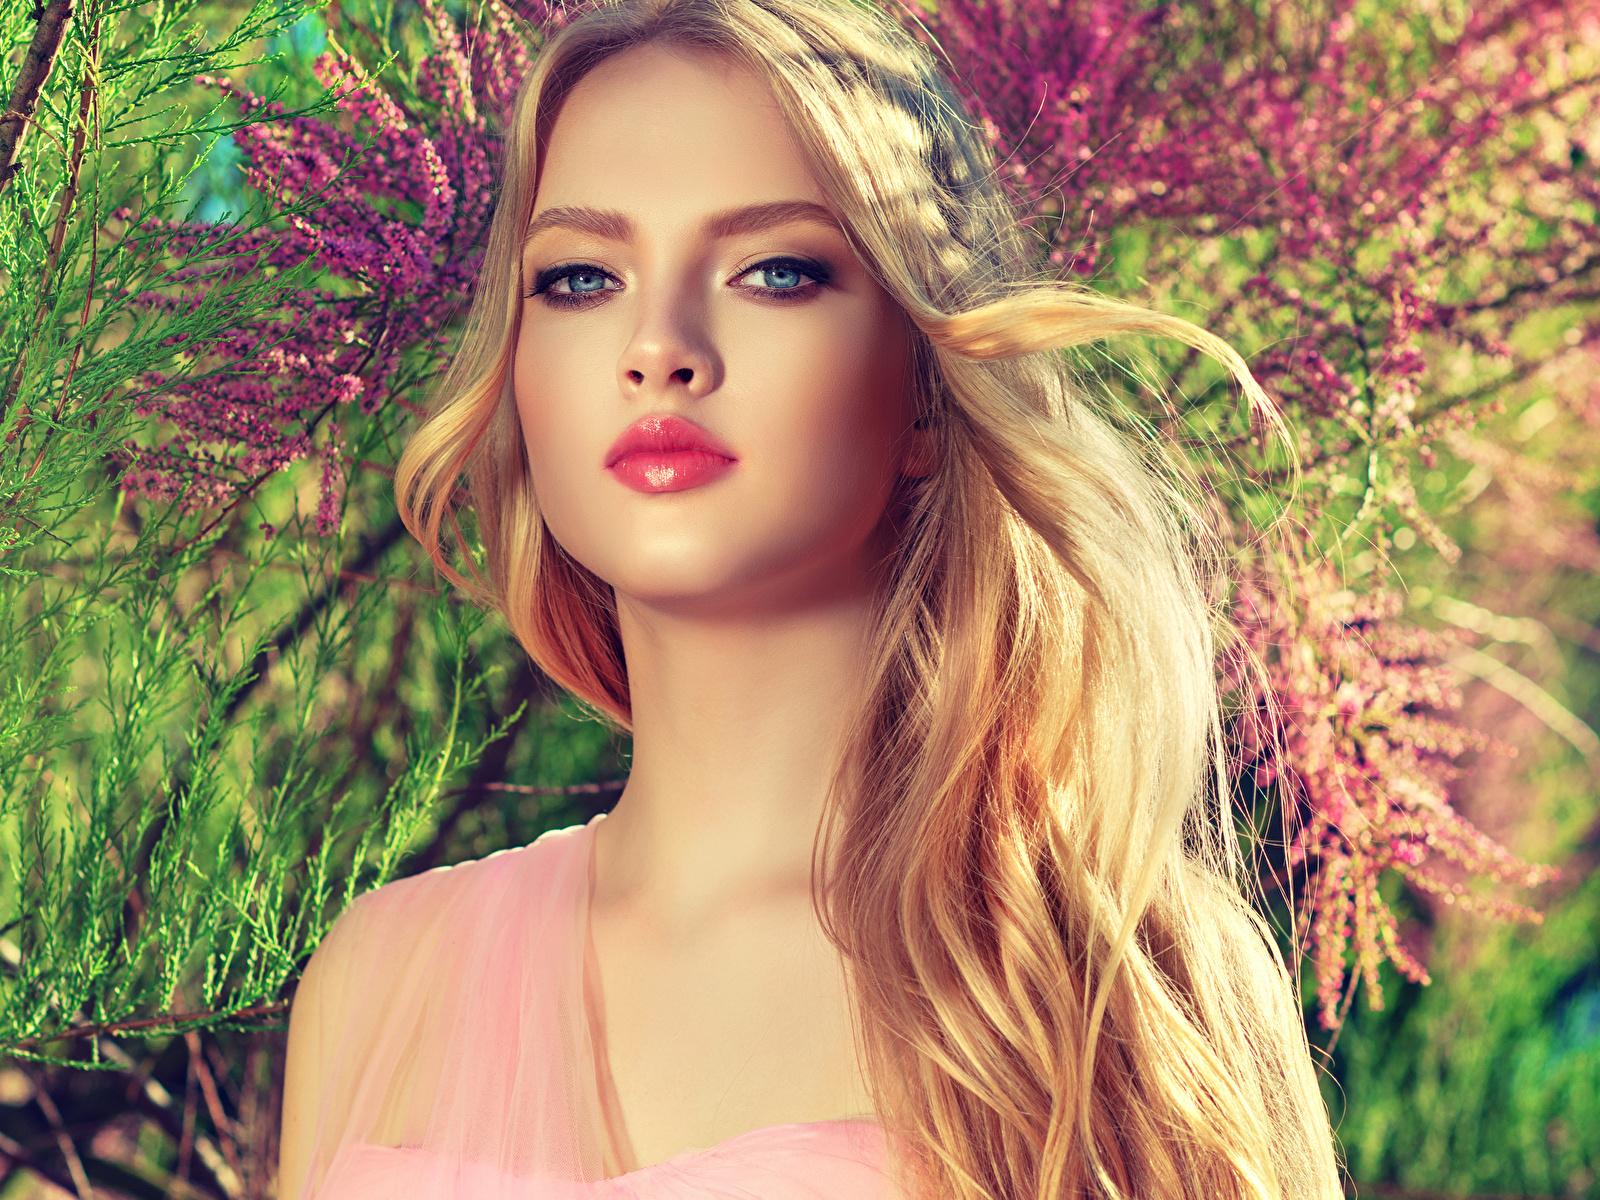 Обои для рабочего стола блондинки косметика на лице Красивые лица Девушки смотрят 1600x1200 блондинок Блондинка Макияж мейкап красивый красивая Лицо девушка молодые женщины молодая женщина Взгляд смотрит